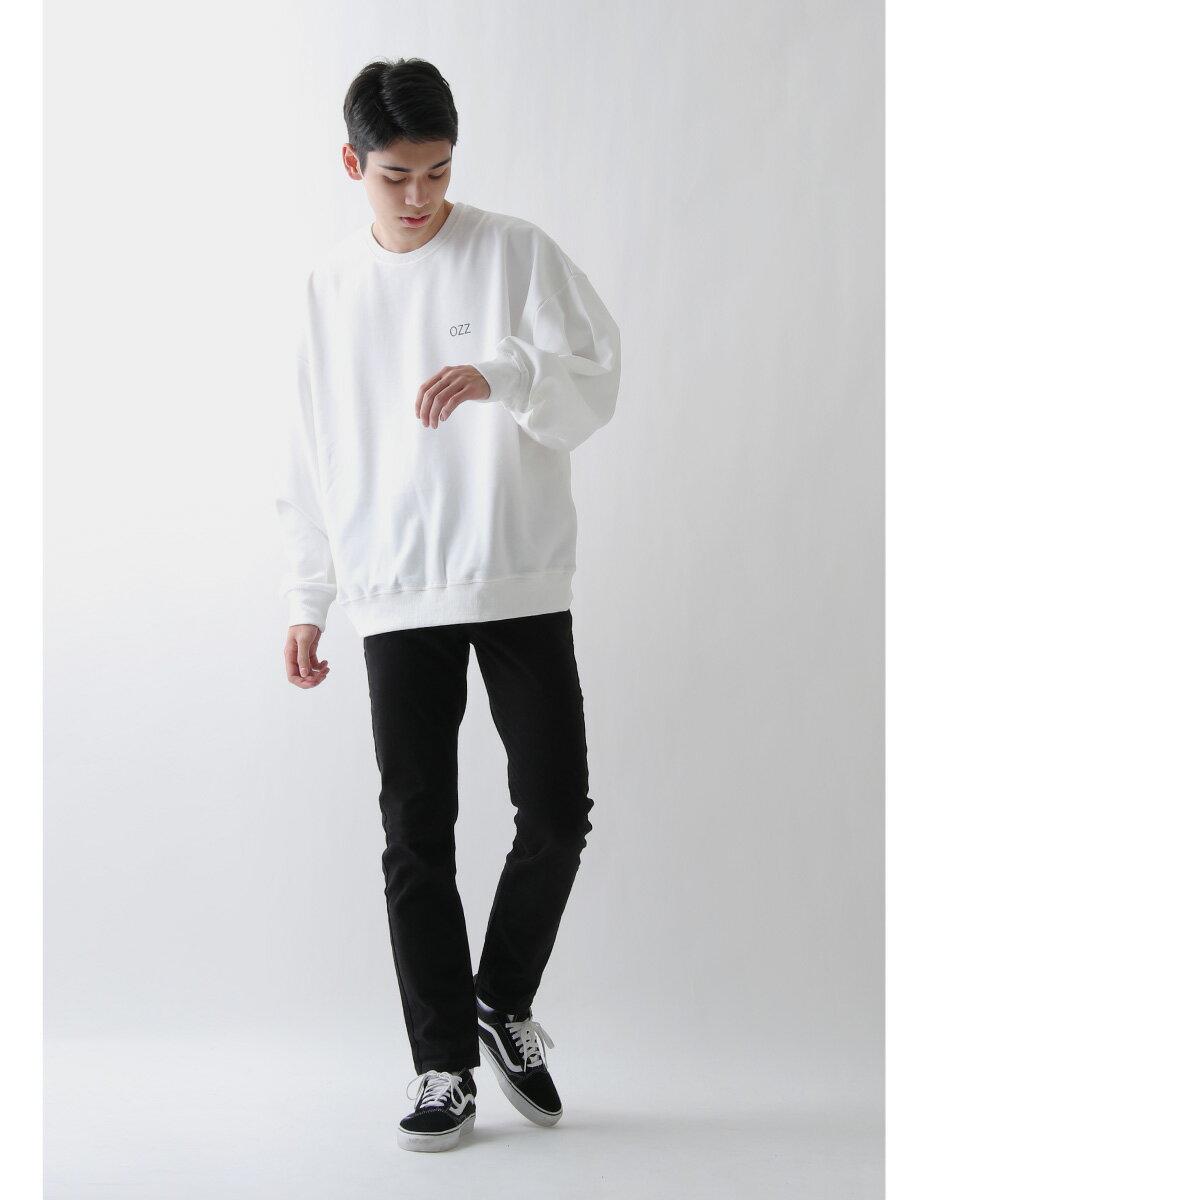 寬版運動衫 照片印刷設計 6